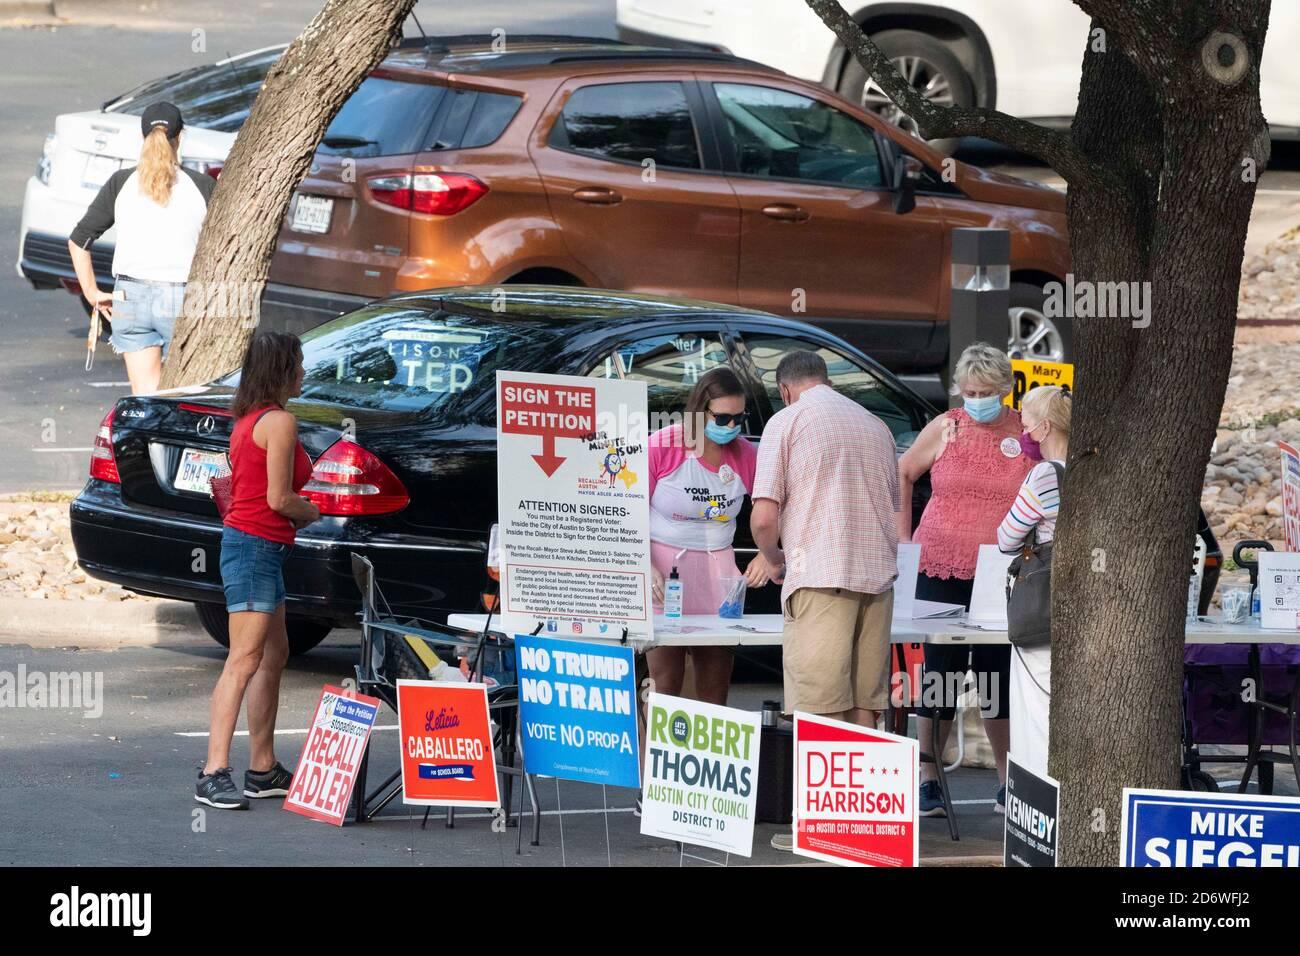 Austin, TX USA, Okt. 13 2020: Befürworter für Kandidaten und Stimmzettel bieten Wählern Informationen außerhalb der gesetzlich zulässigen 100-Fuß-Linie von einem Wahllokal Eingang an einem Ort der vorzeitigen Abstimmung für die Präsidentschaftswahl 2020. Stockfoto